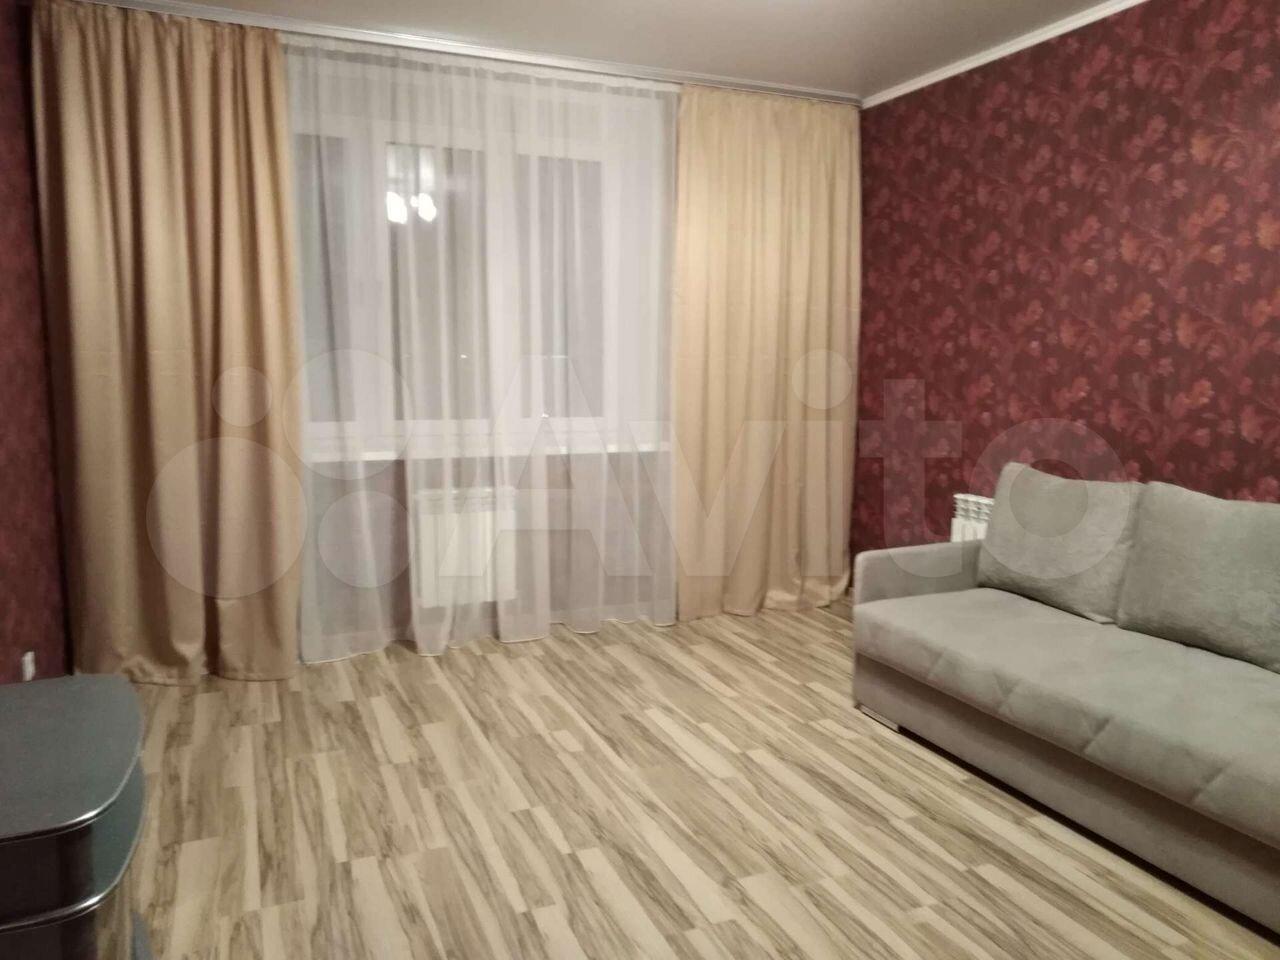 2-room apartment, 65 m2, 7/9 et.